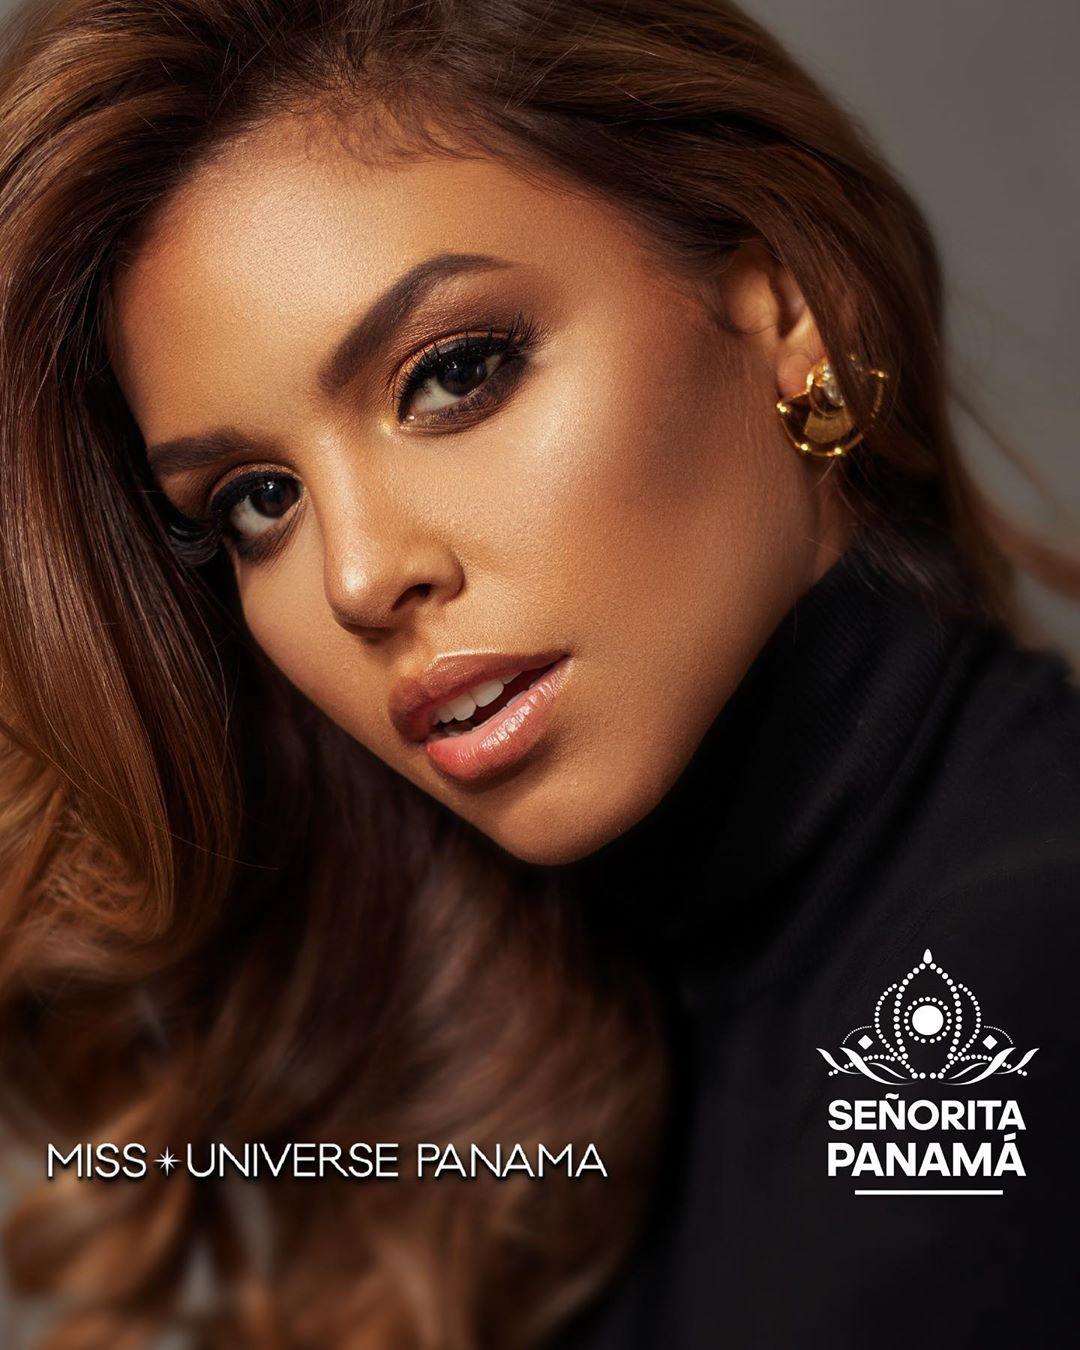 candidatas a senorita panama 2020. final: 16 may. IitNUo